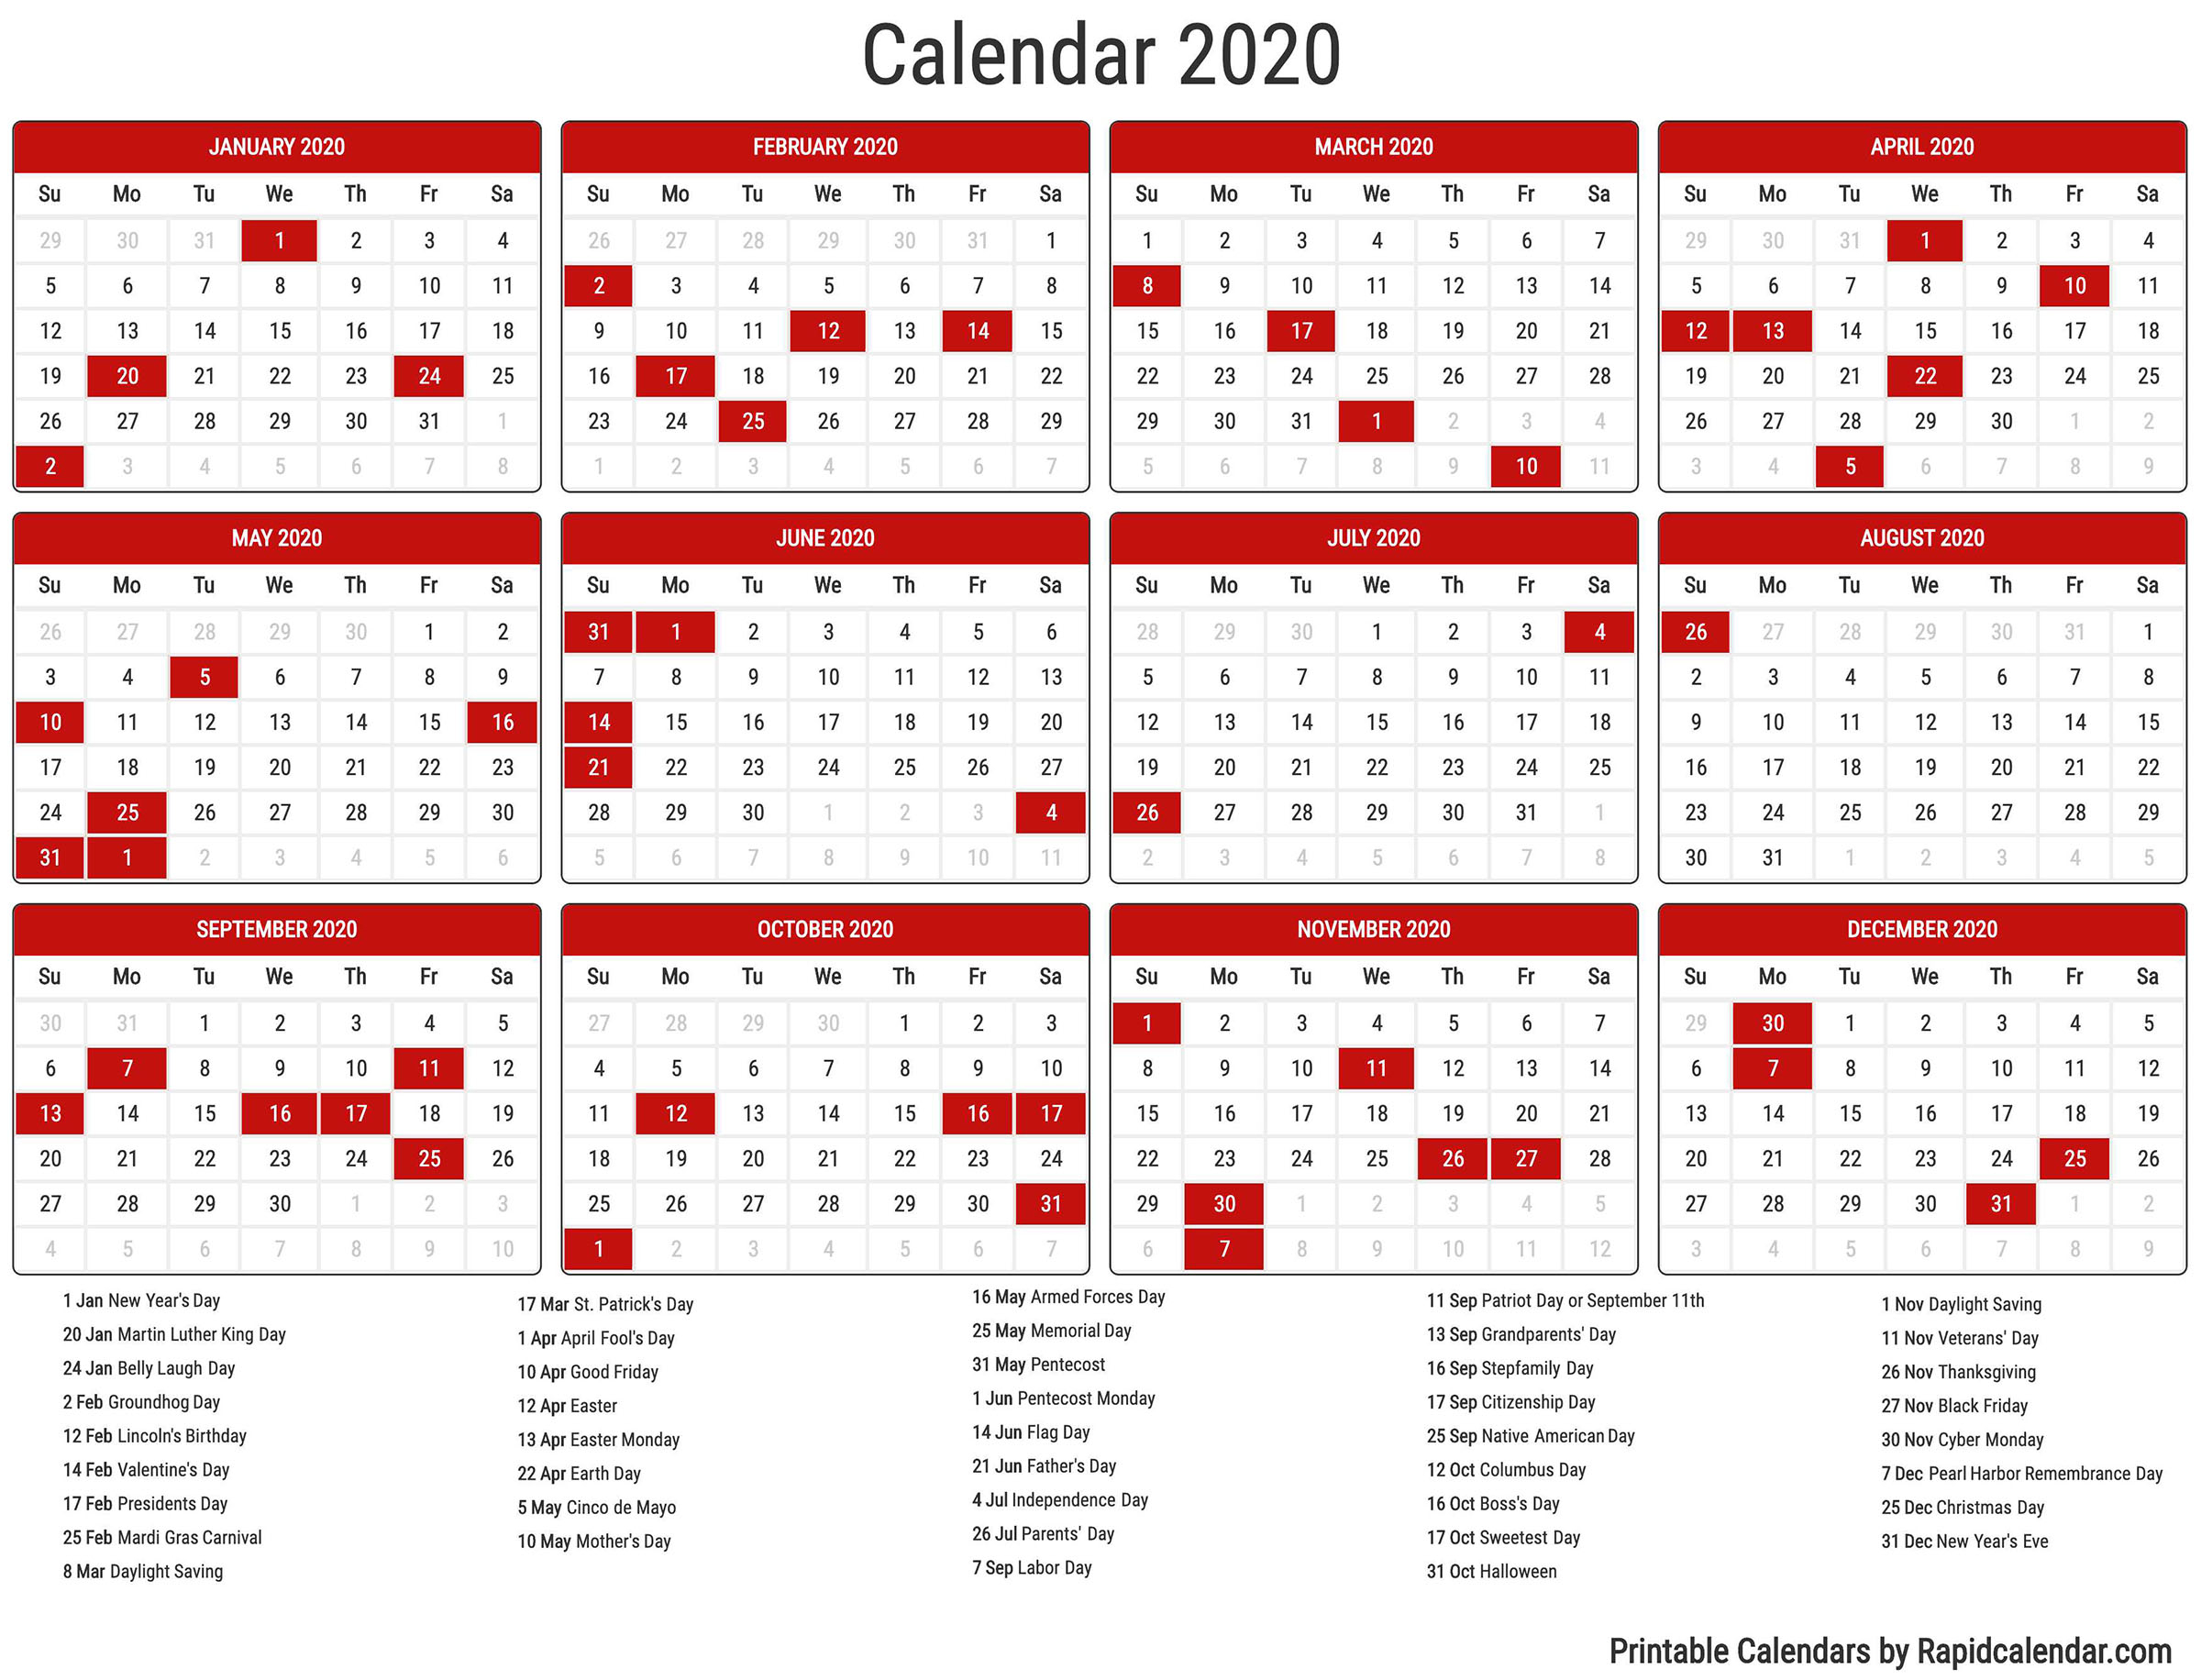 2020 Calendar - Rapid Calendar